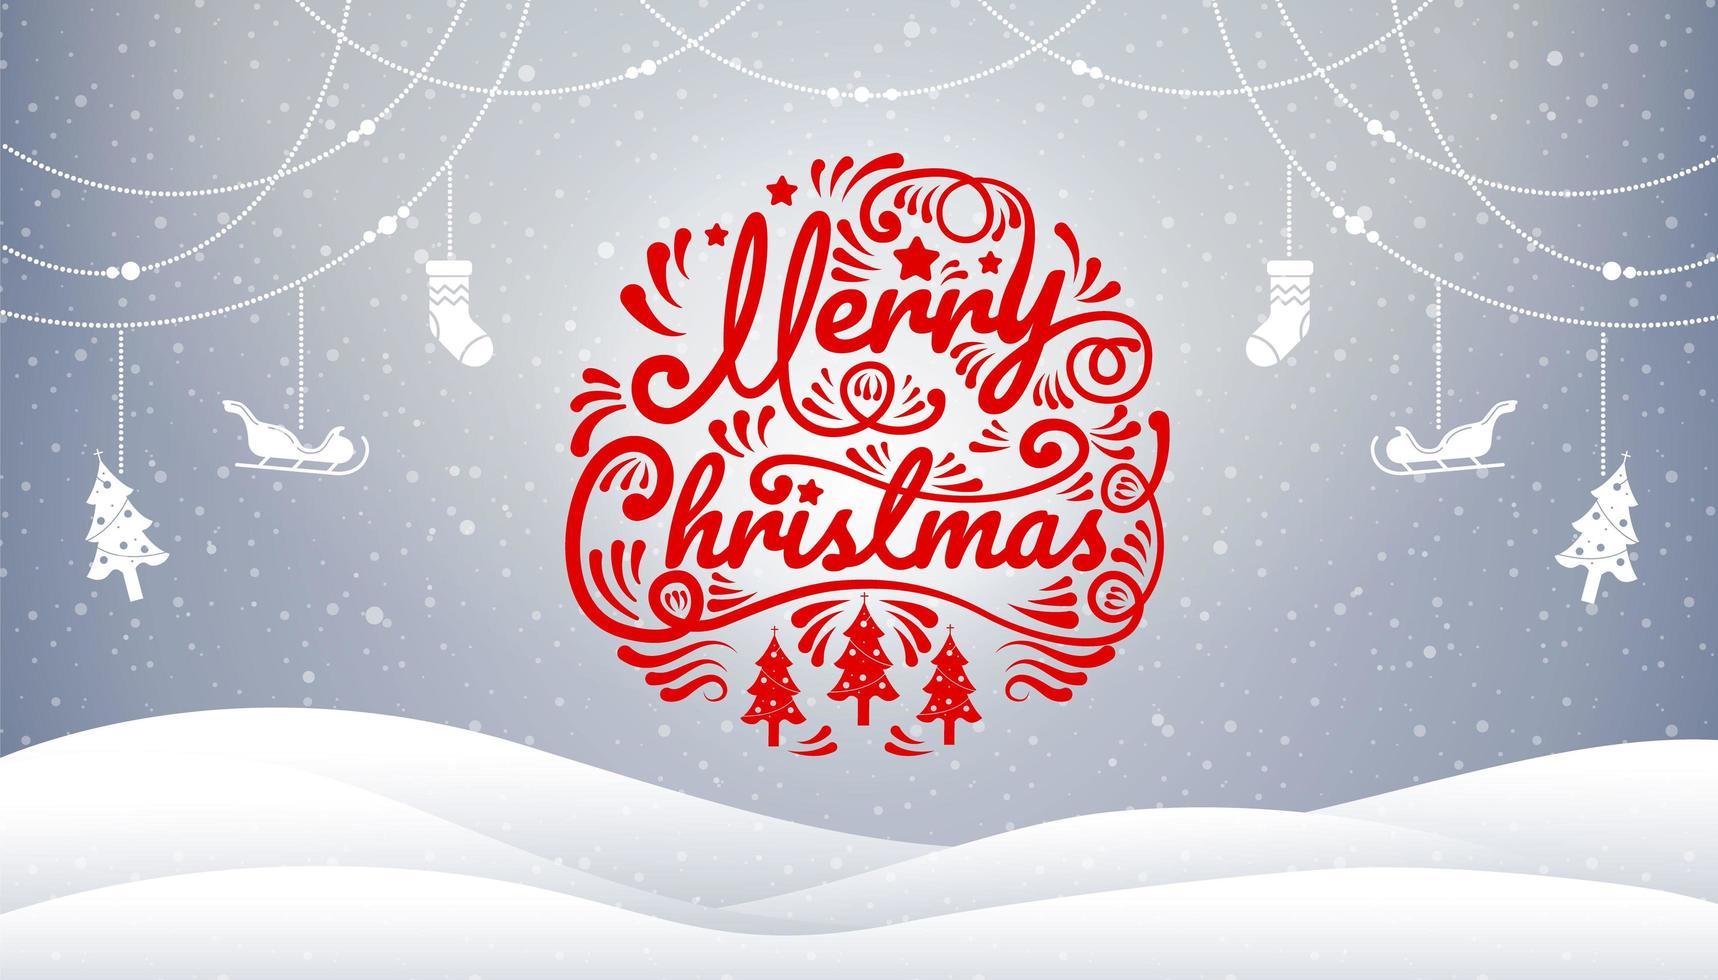 cena de inverno com caligrafia de feliz Natal e decorações vetor